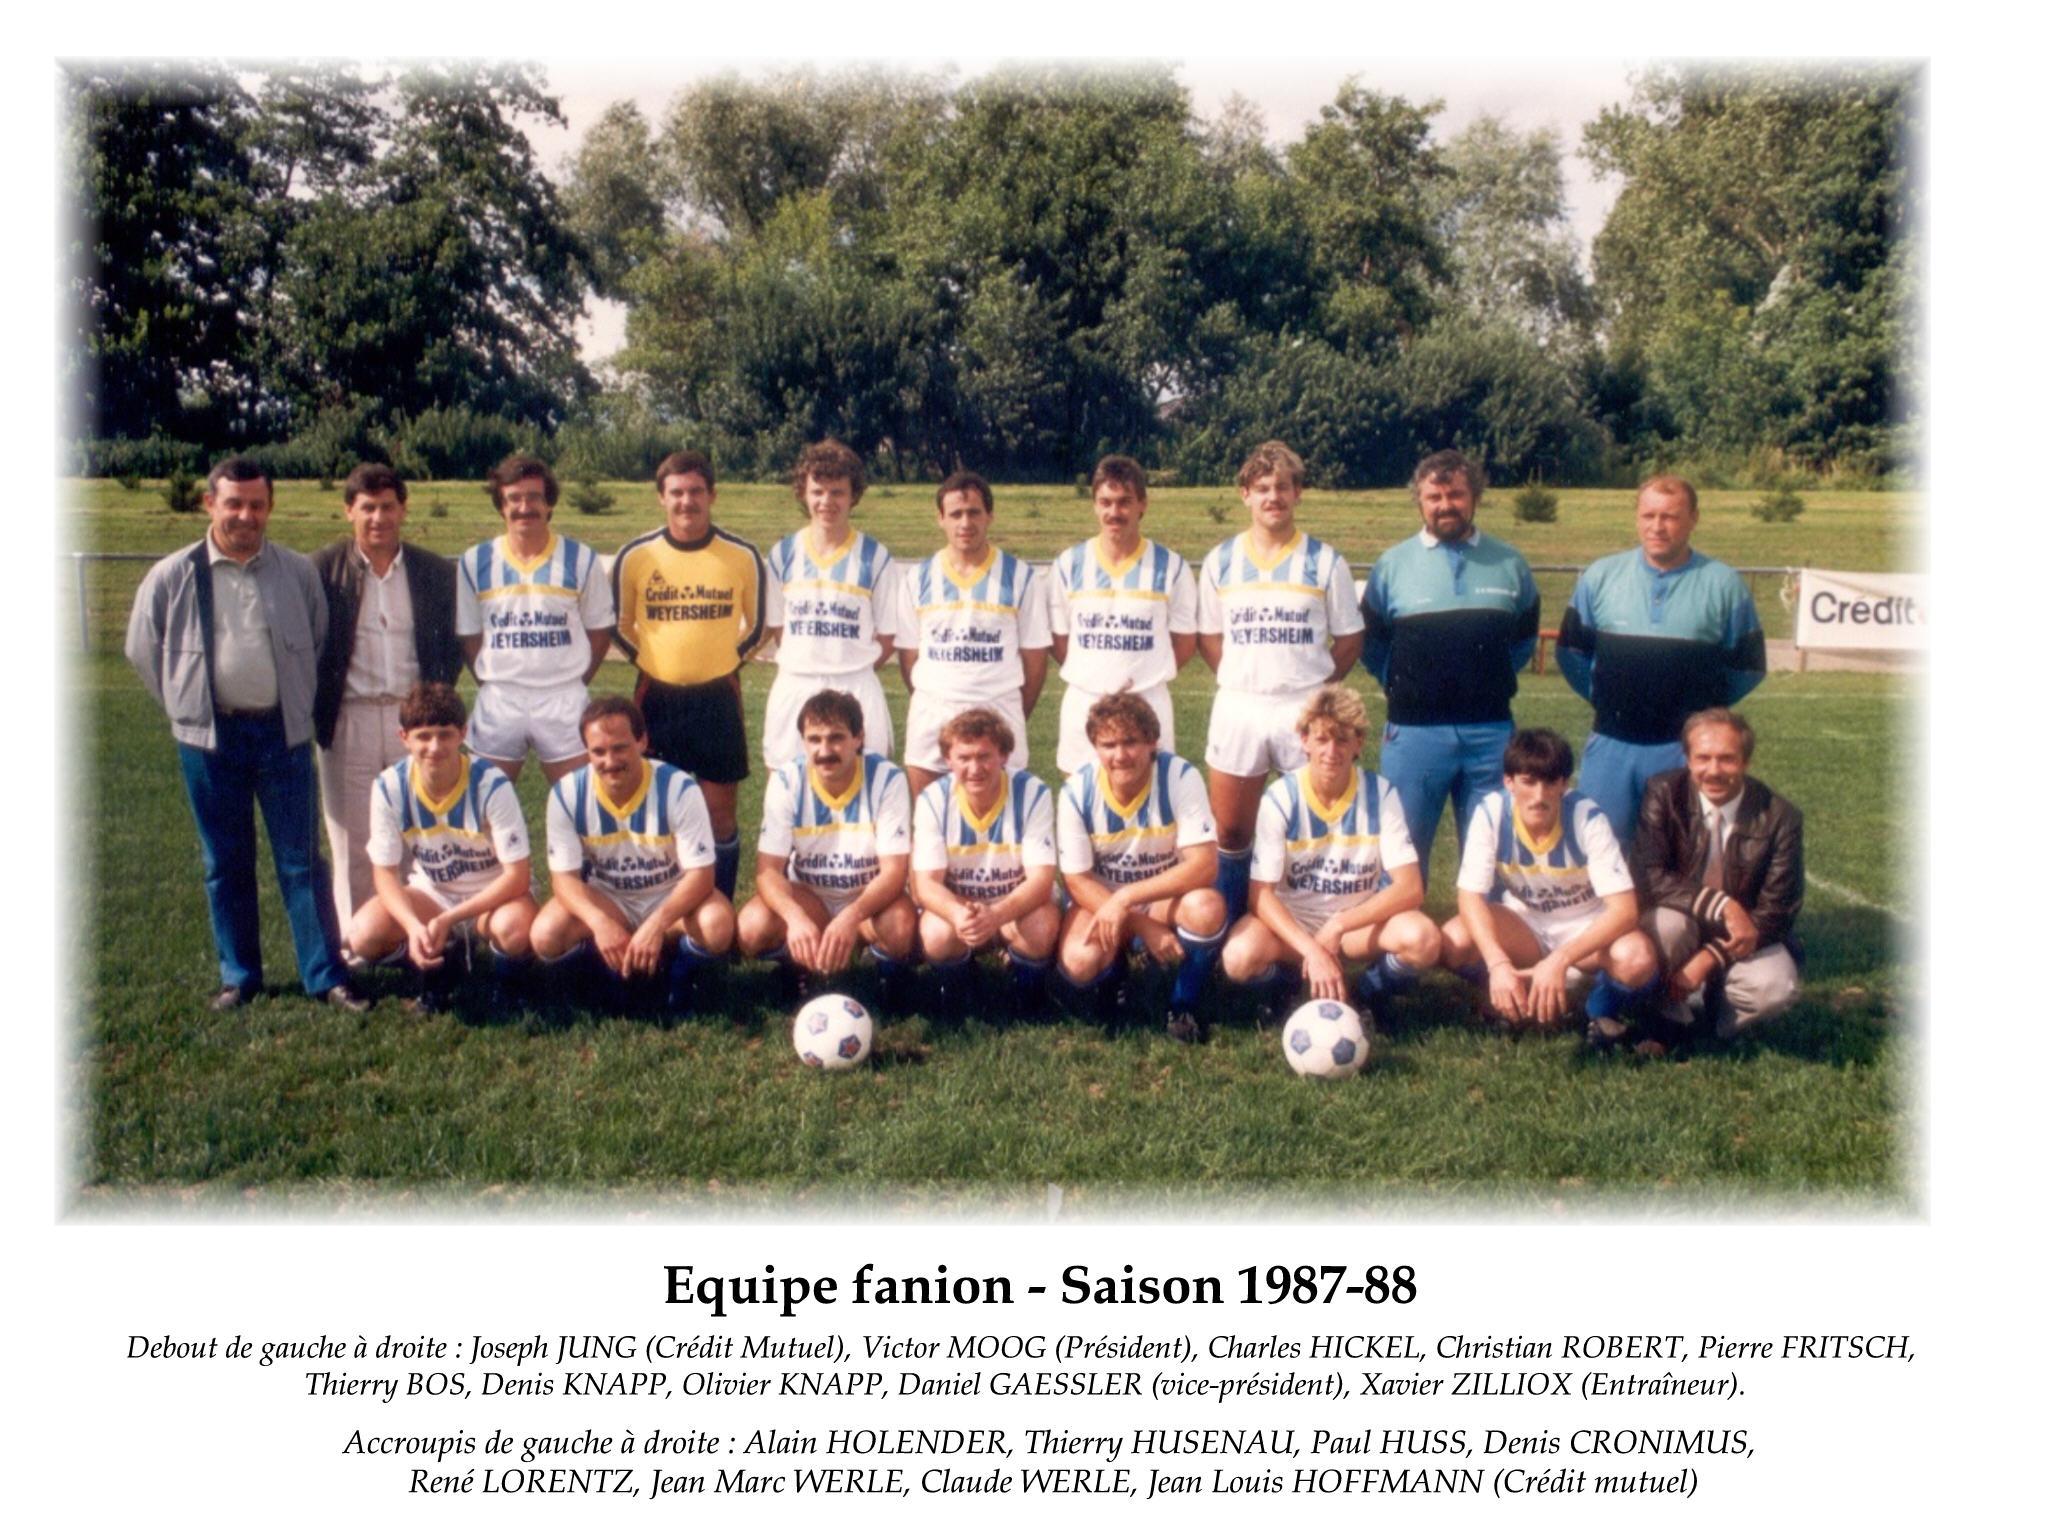 Annees 1987-88